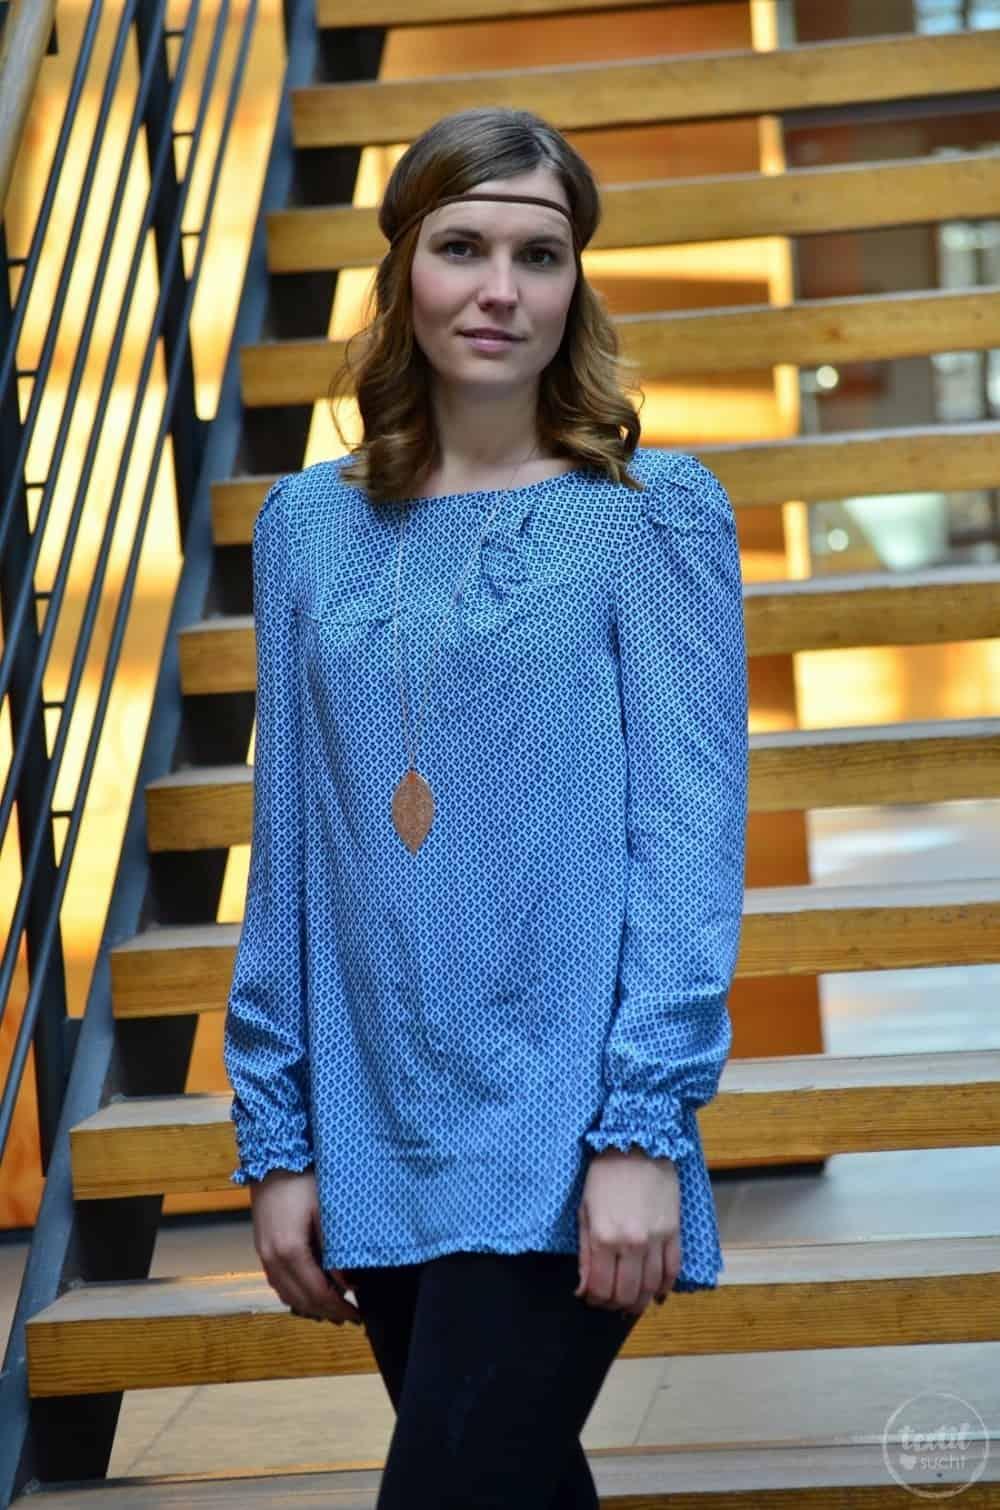 Mein nächster Schnitt ist online: Schnittmuster Bluse und Top Moana - Bild 1 | textilsucht.de